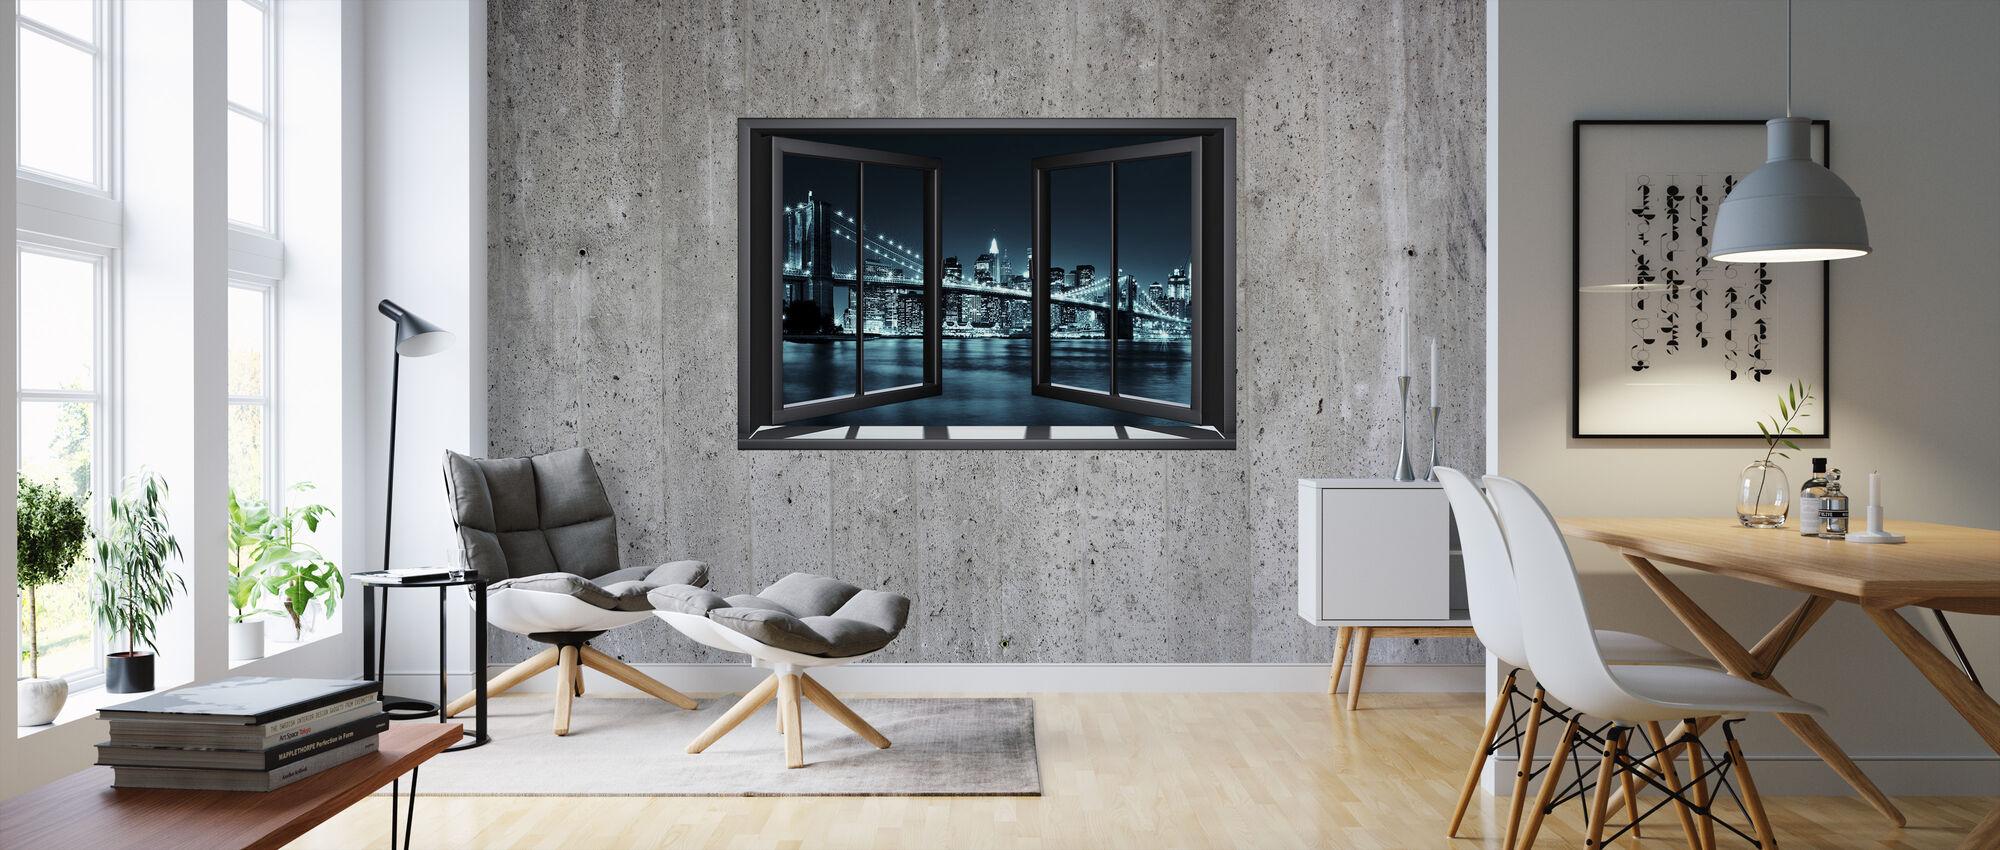 Ikkuna betoniseinä Brooklyn - Tapetti - Olohuone